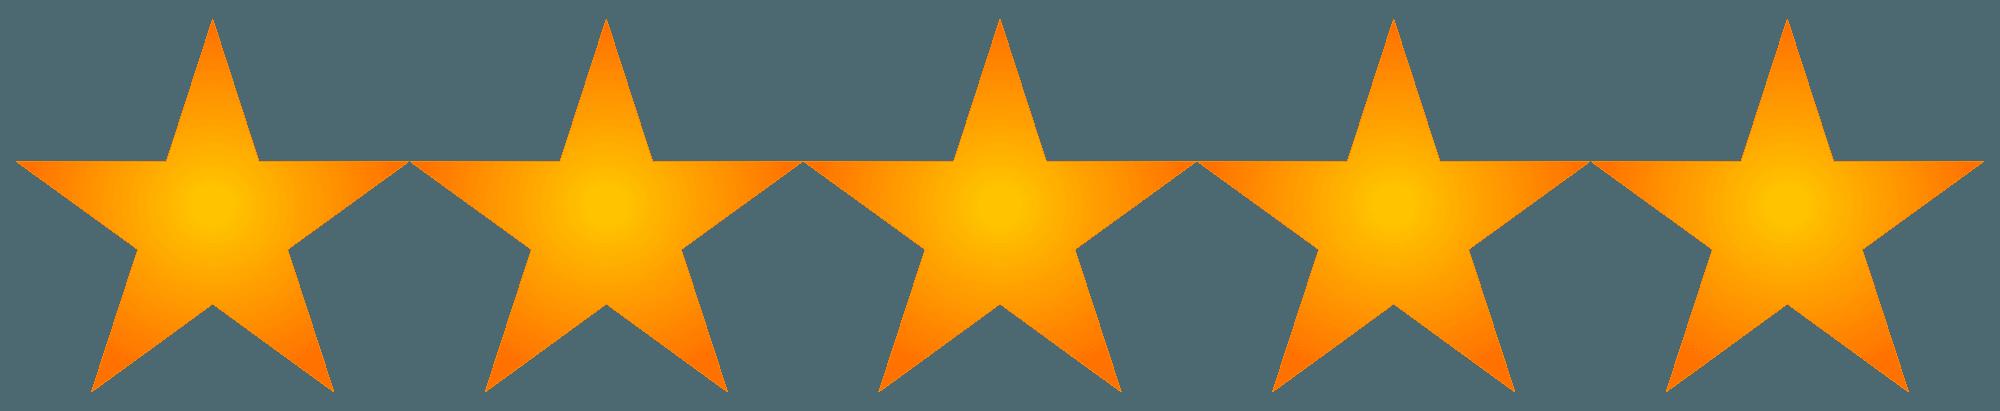 5-star appliance repair